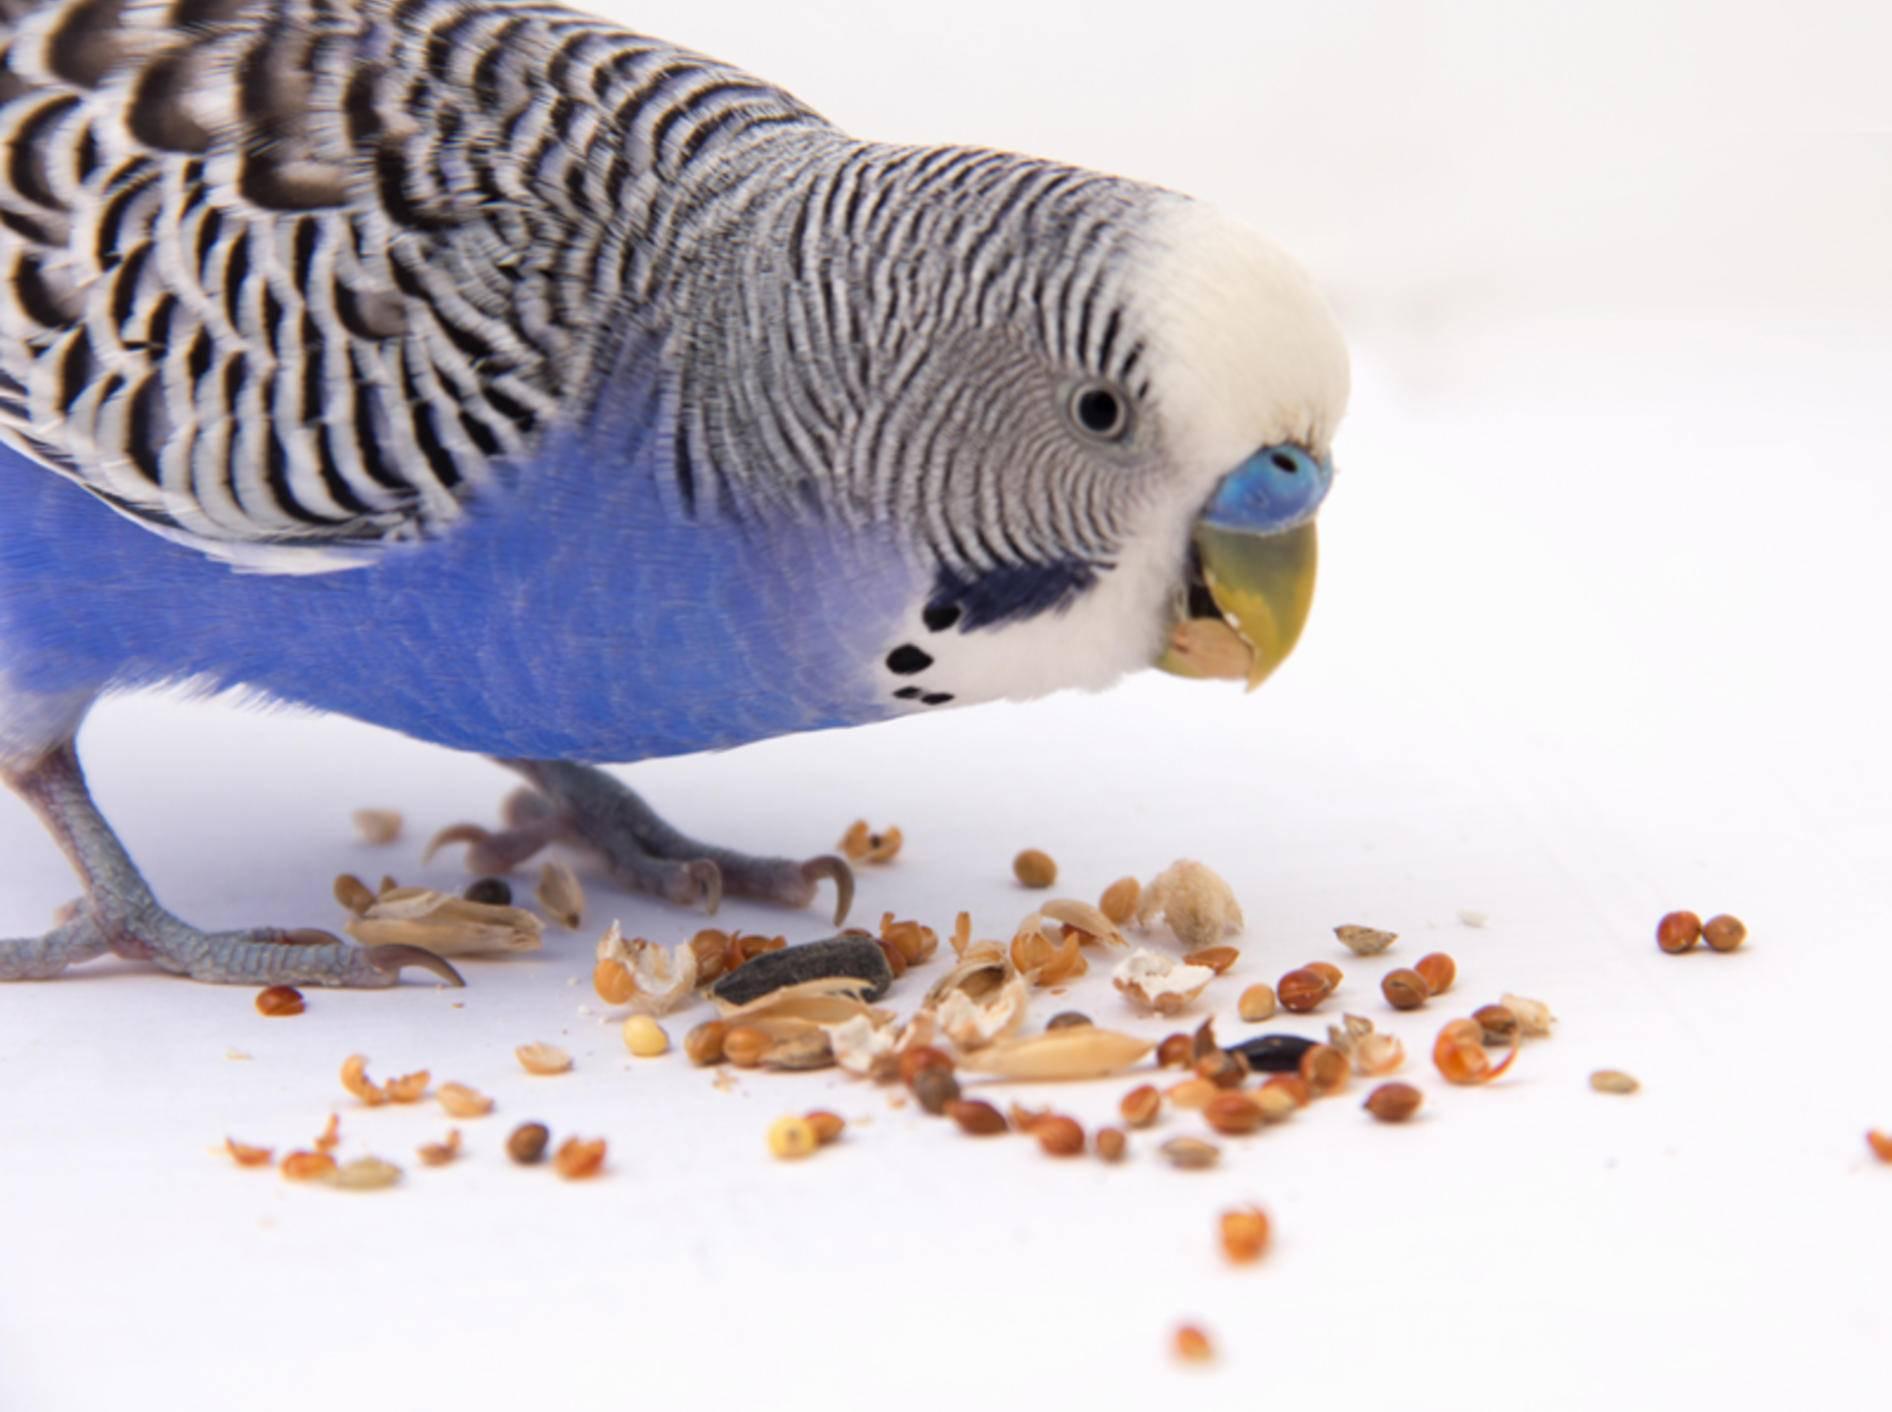 Als Ernährungsgrundlage bieten sich Samen und Körner bei Wellensittichen an – Shutterstock / PrakapenkaAlena